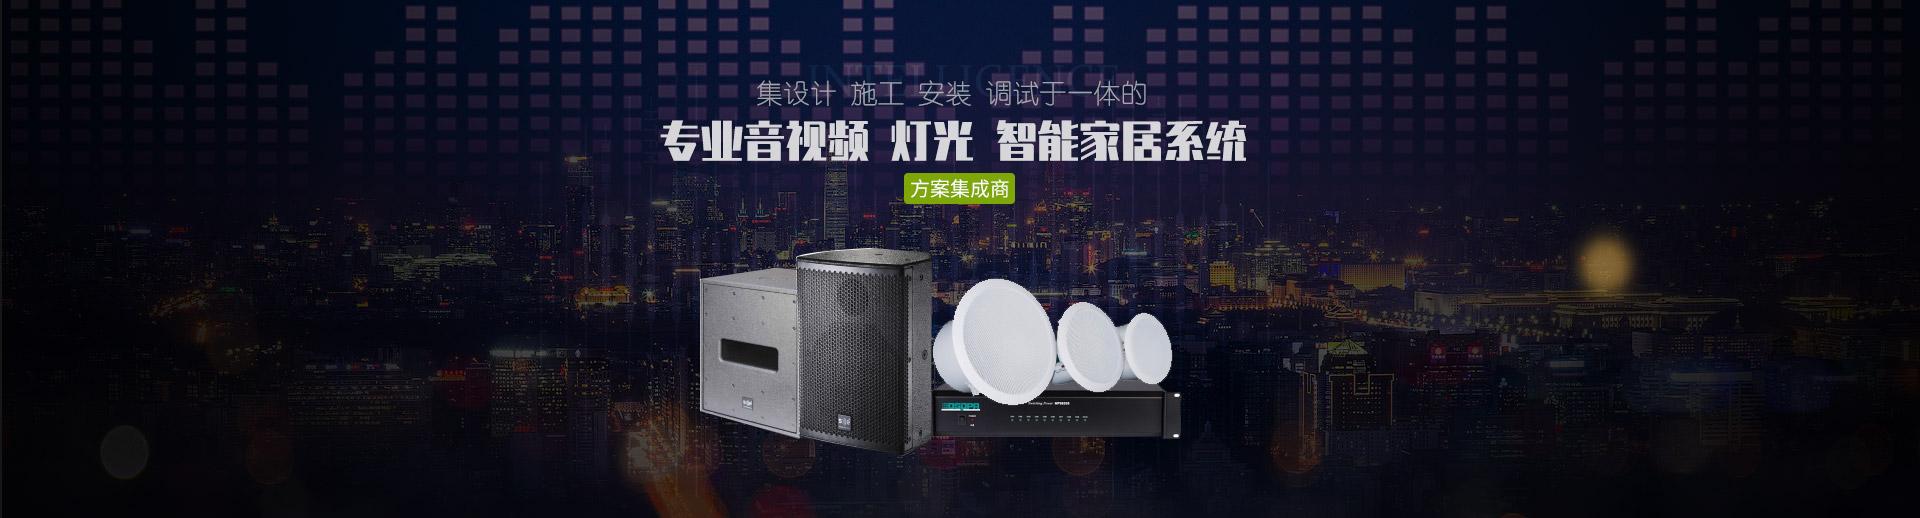 杭州音响系统设备